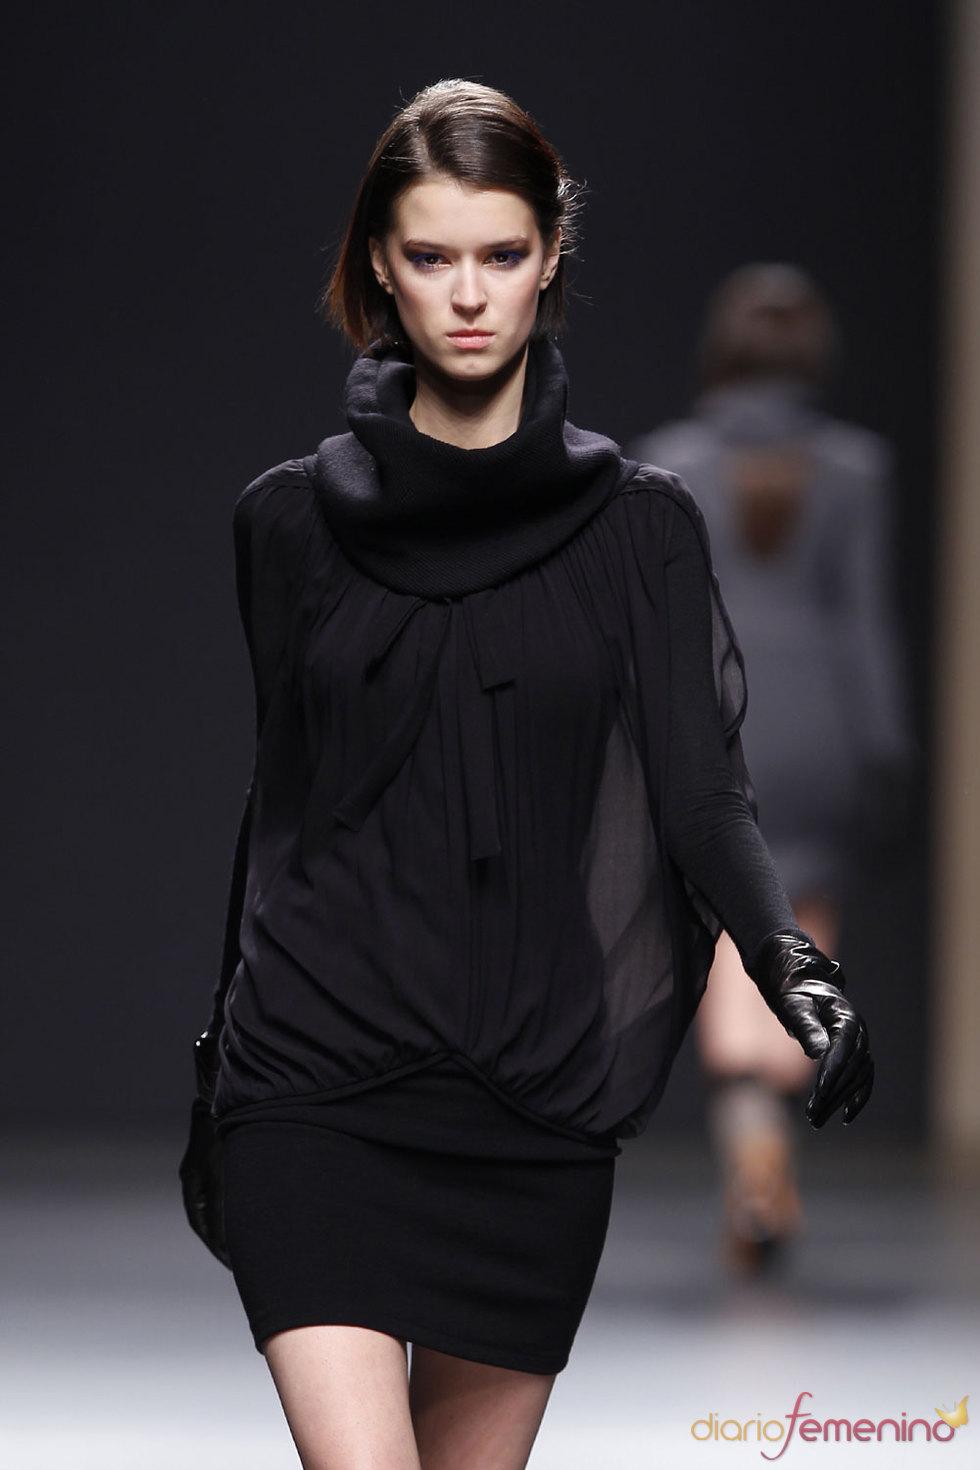 Moda Otoño Invierno - Vestido corto negro de Miriam Ocáriz